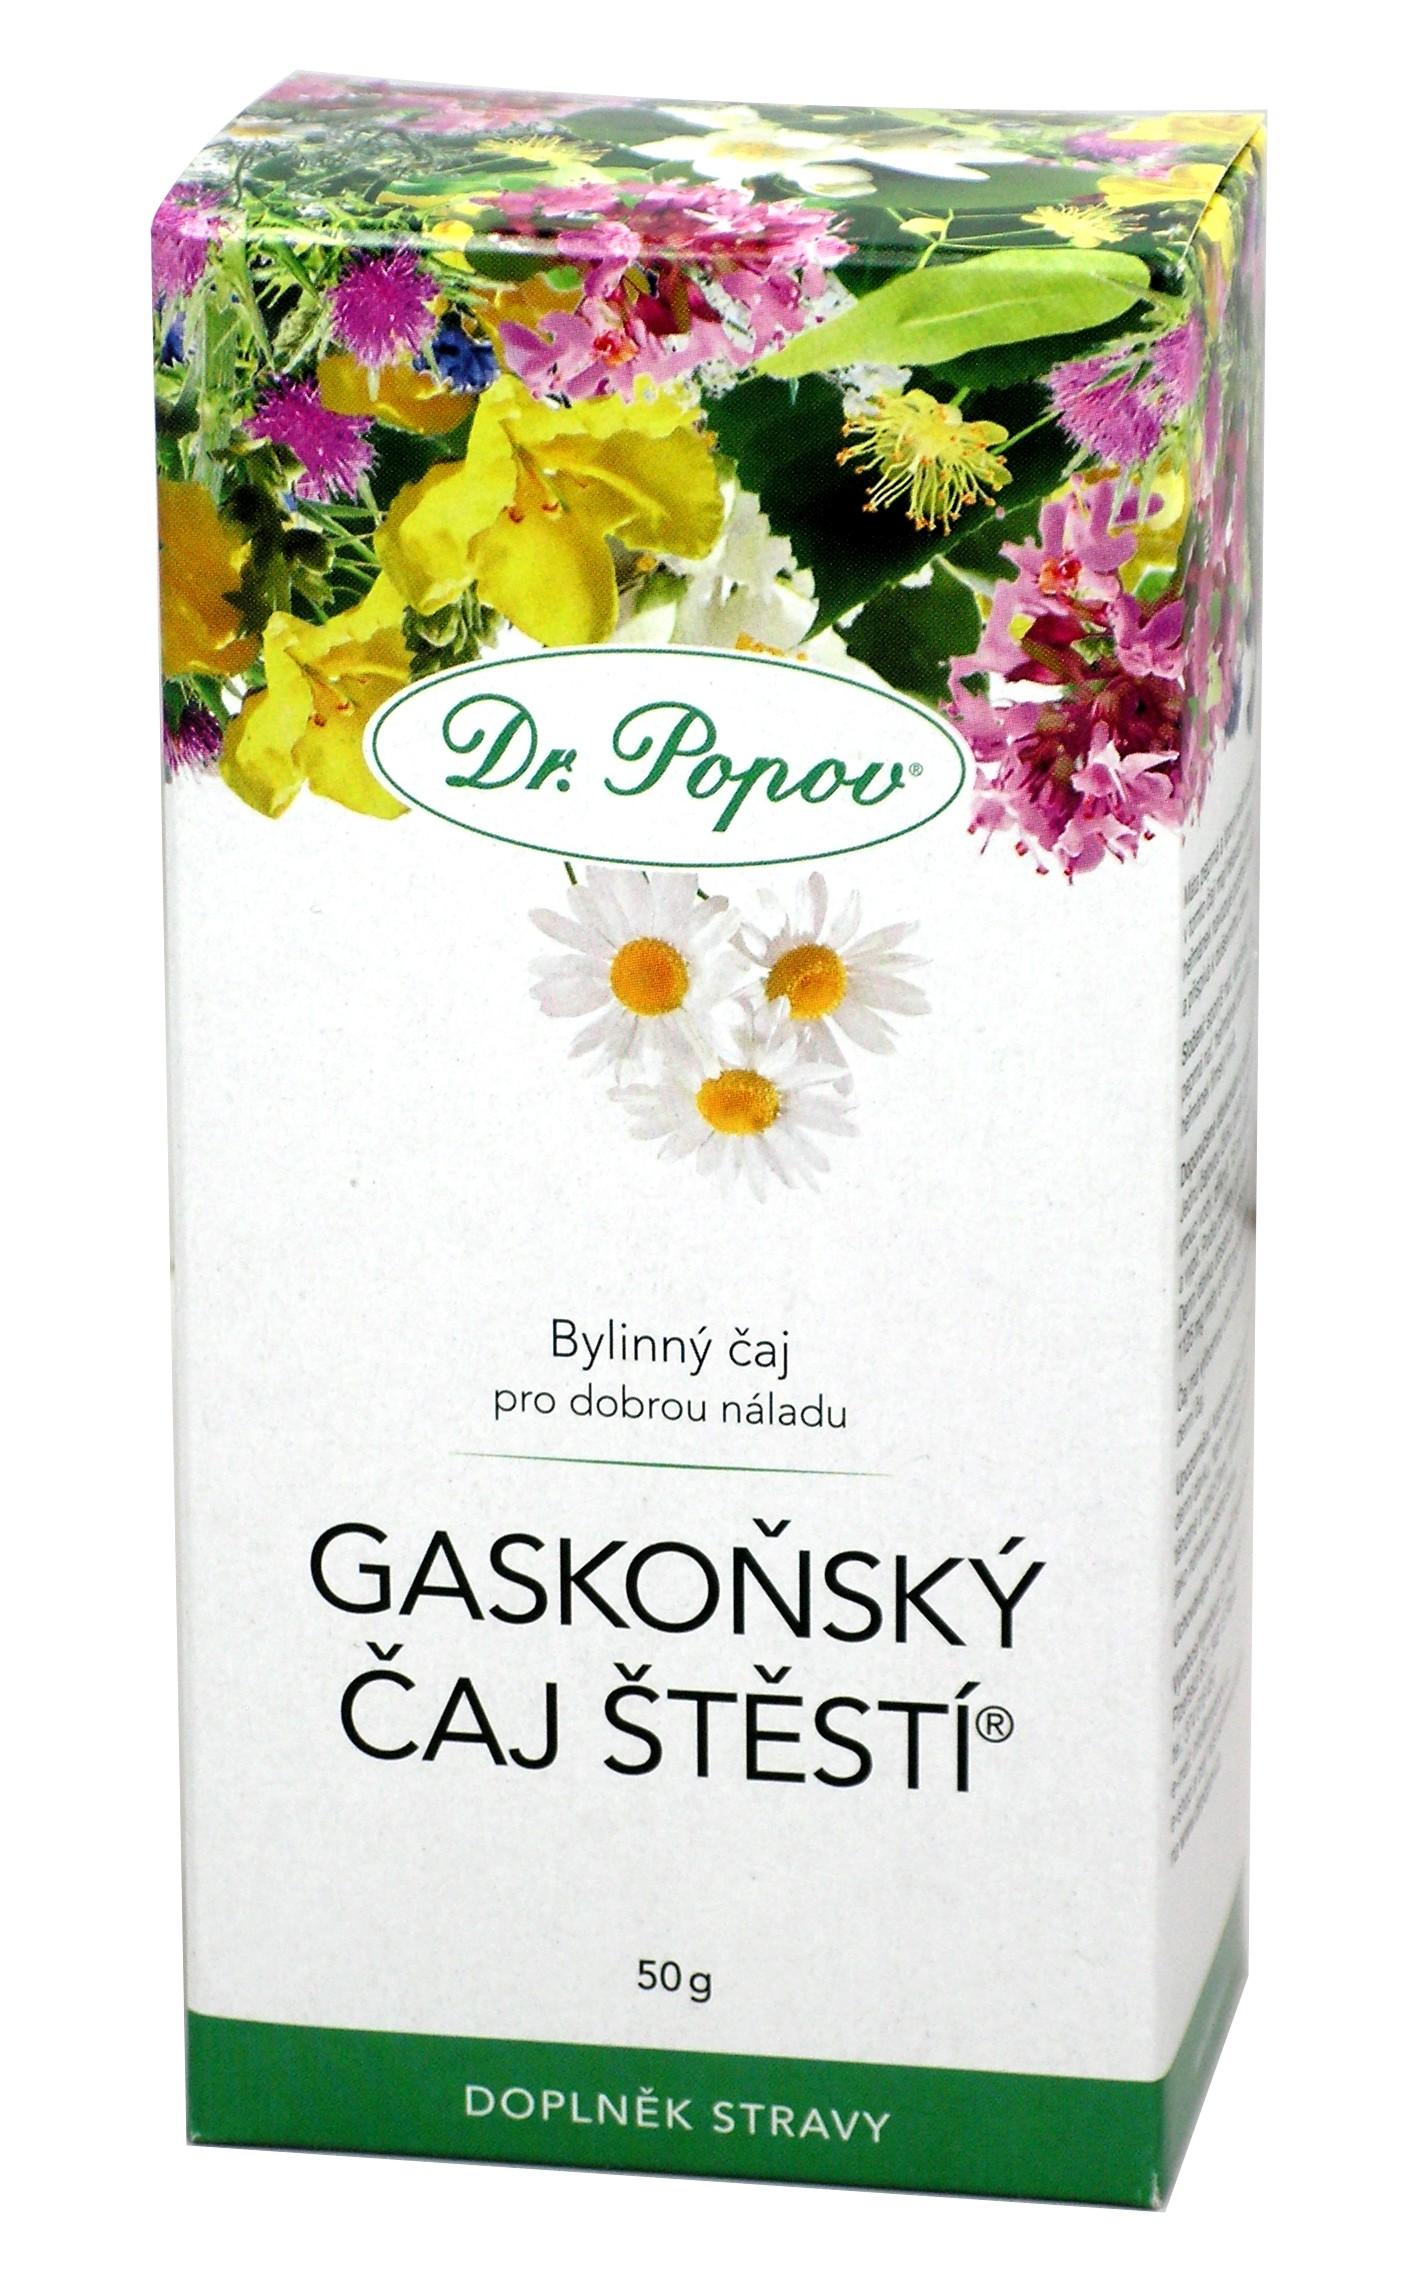 Gaskoňský čaj štěstí ® Varianta: Sypaný (50g)